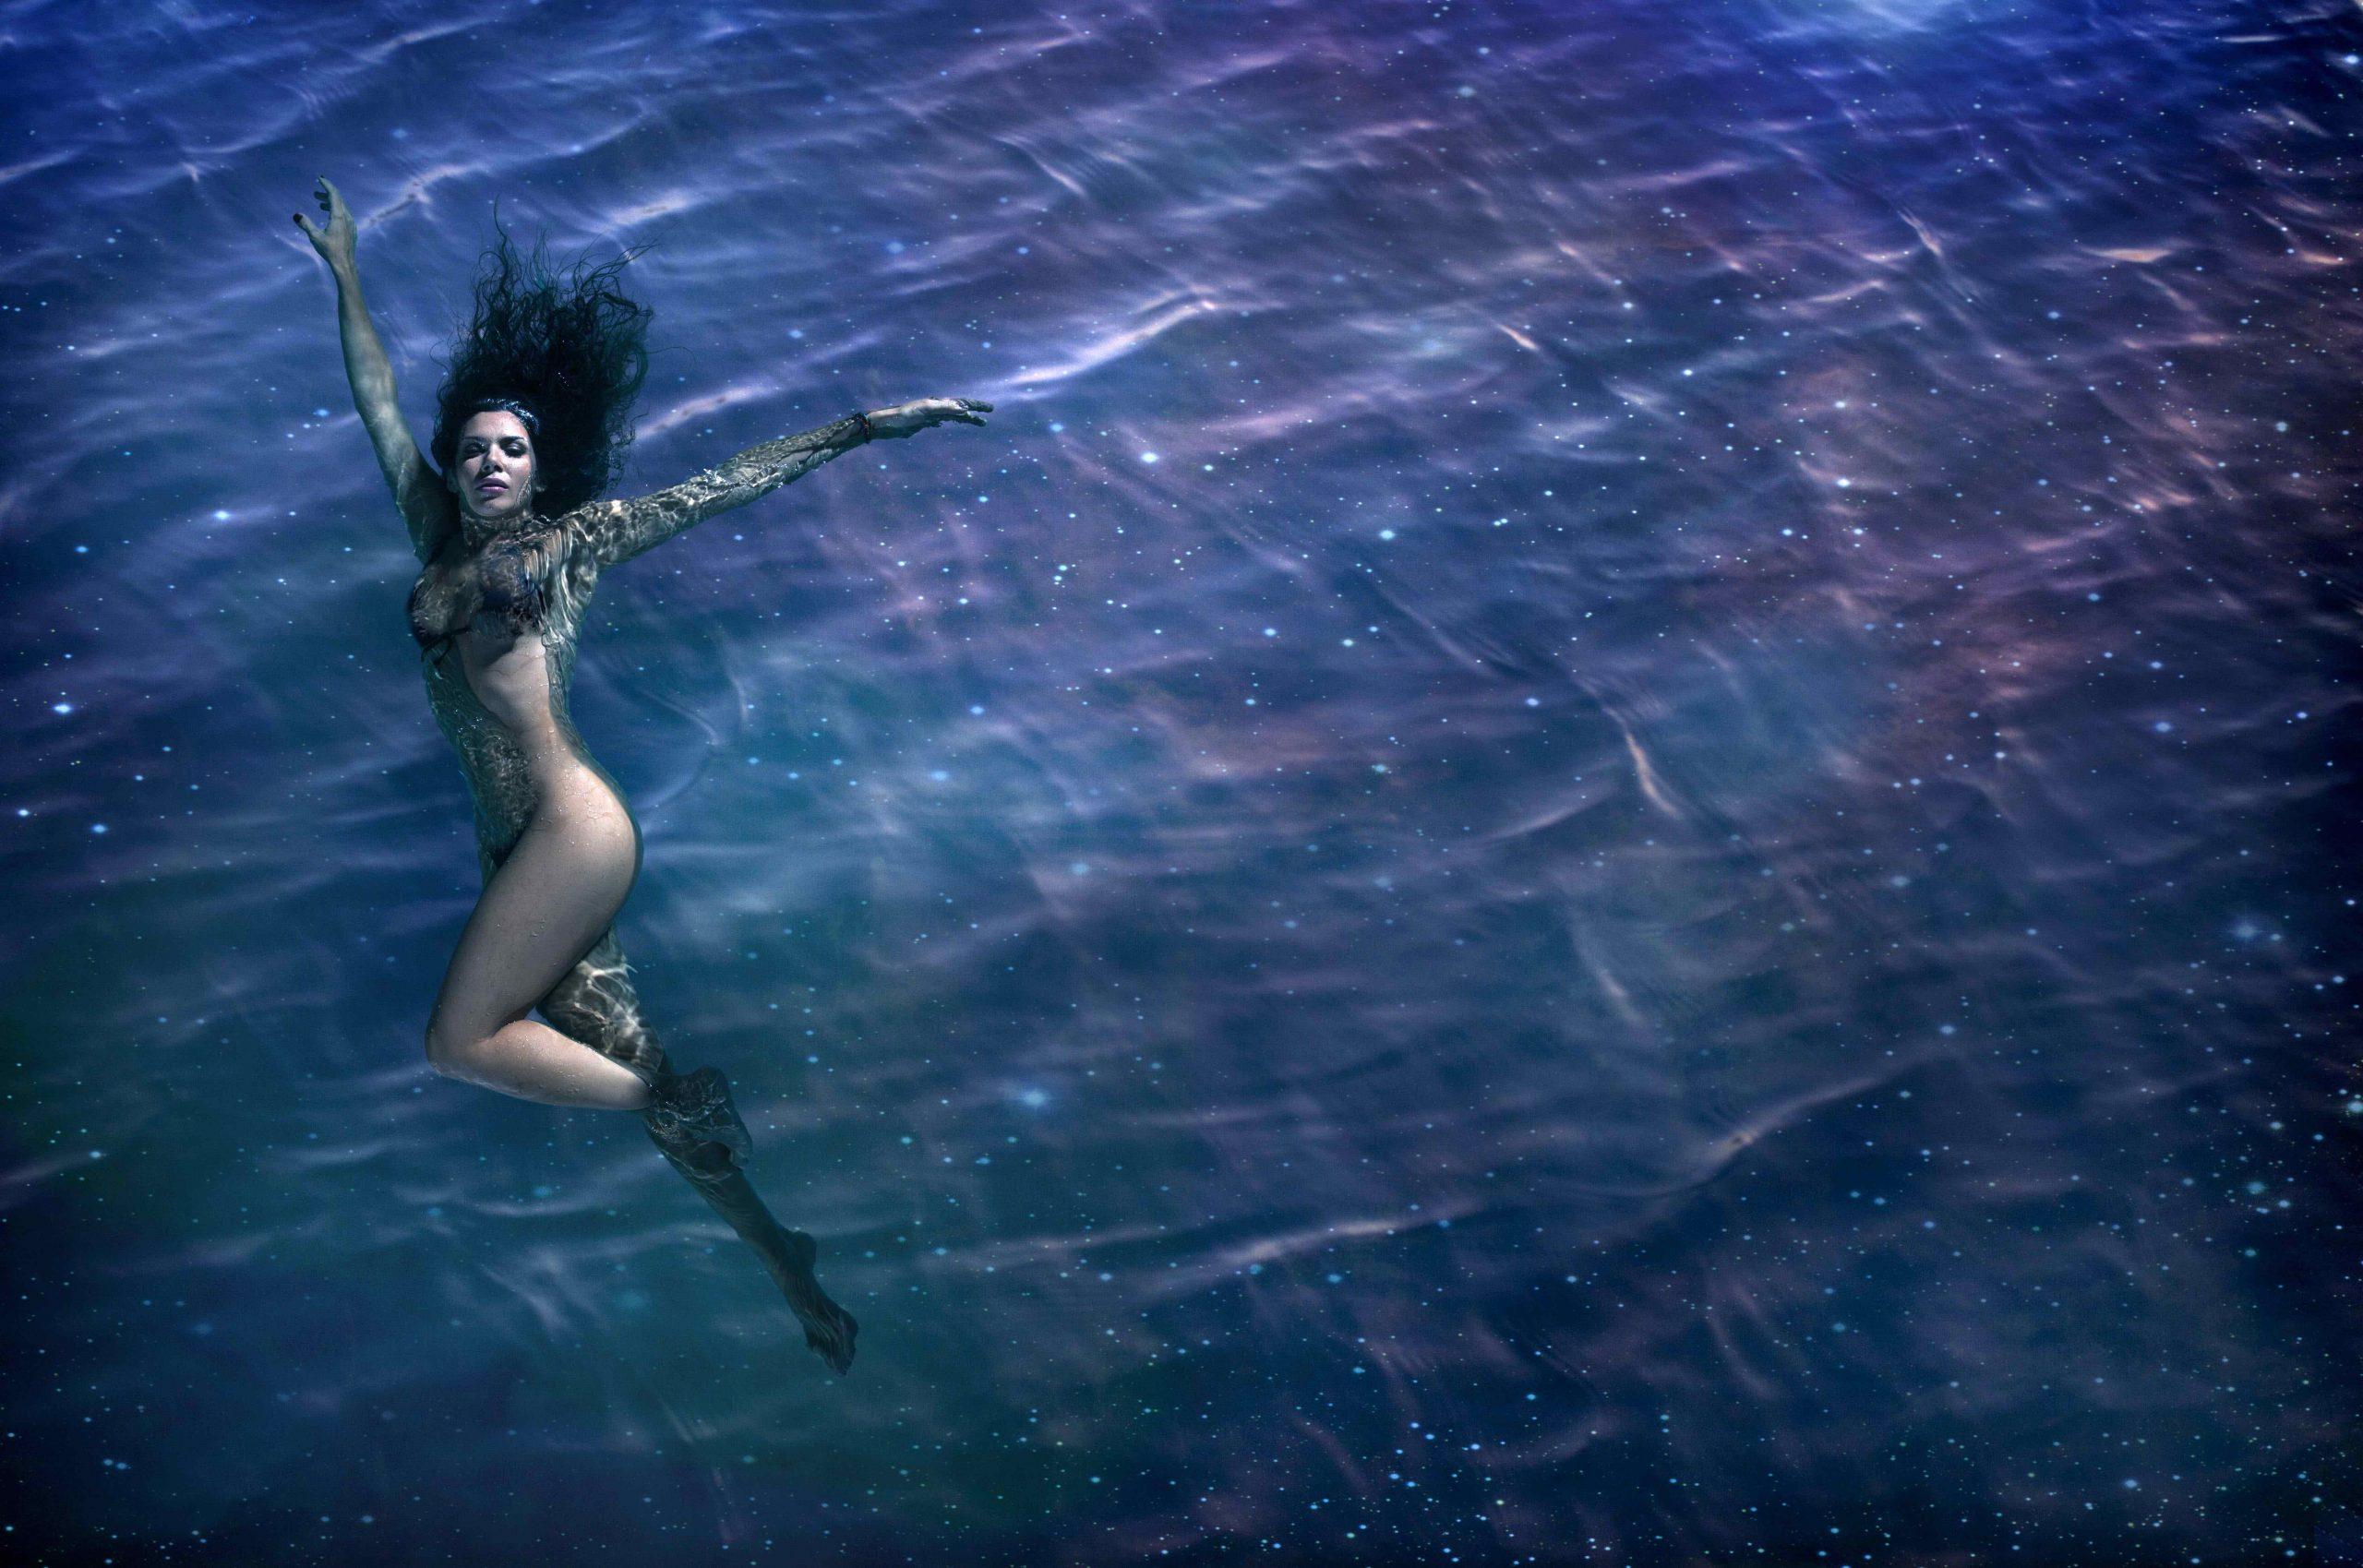 """Parte de la sesión fotográfica para el disco """"Oceánica y Cósmica"""" por Nicolas Serrano"""